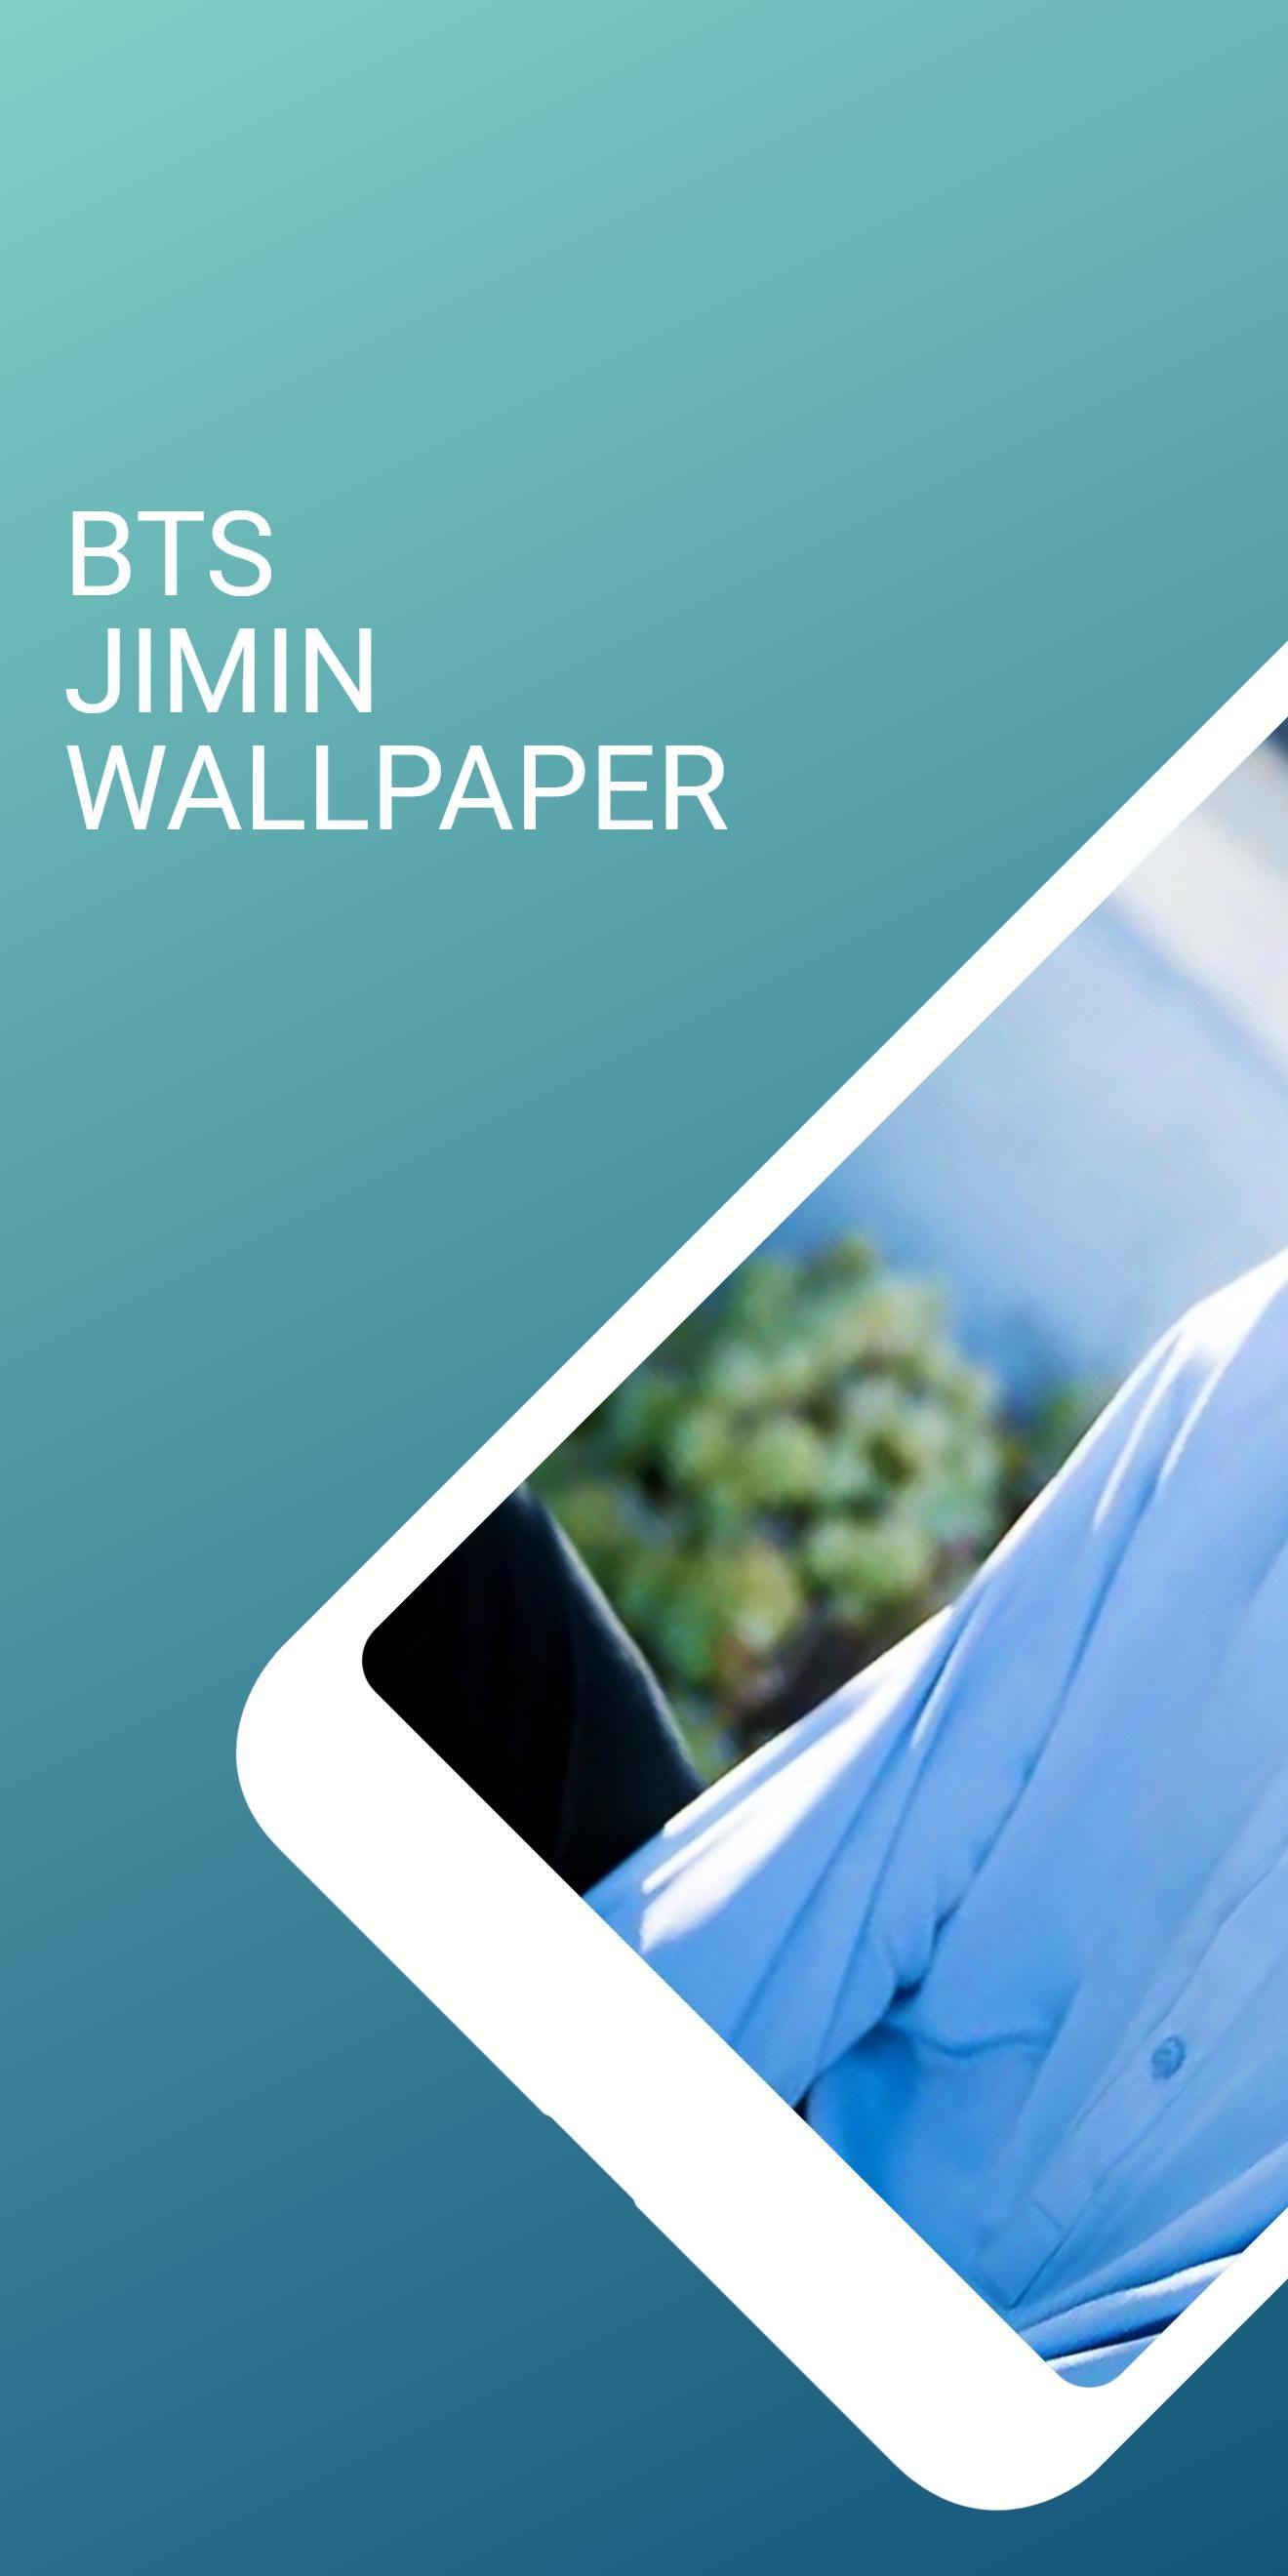 46 Foto Jin Bts Keren Wallpaper Images In 2021 Bts Jin Bts Wallpaper Wallpaper bts keren 2021